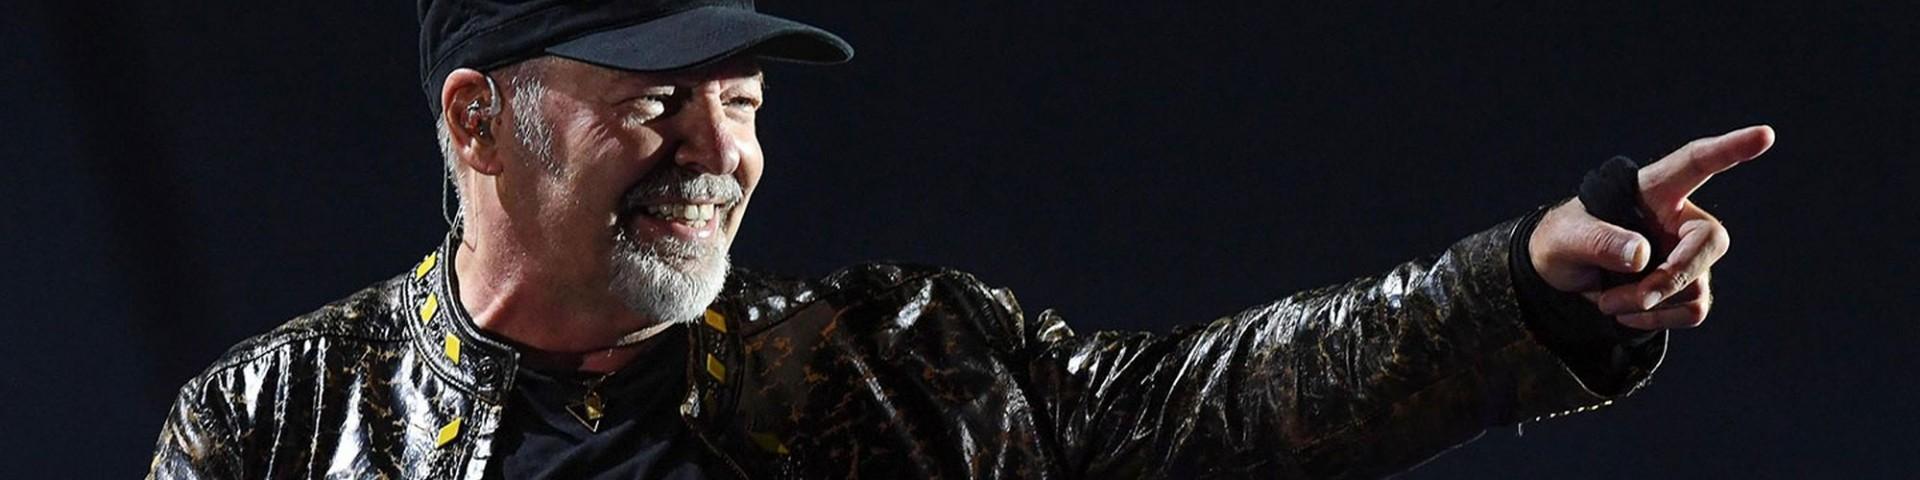 Vasco Rossi Live 2020: come acquistare i biglietti con il fanclub